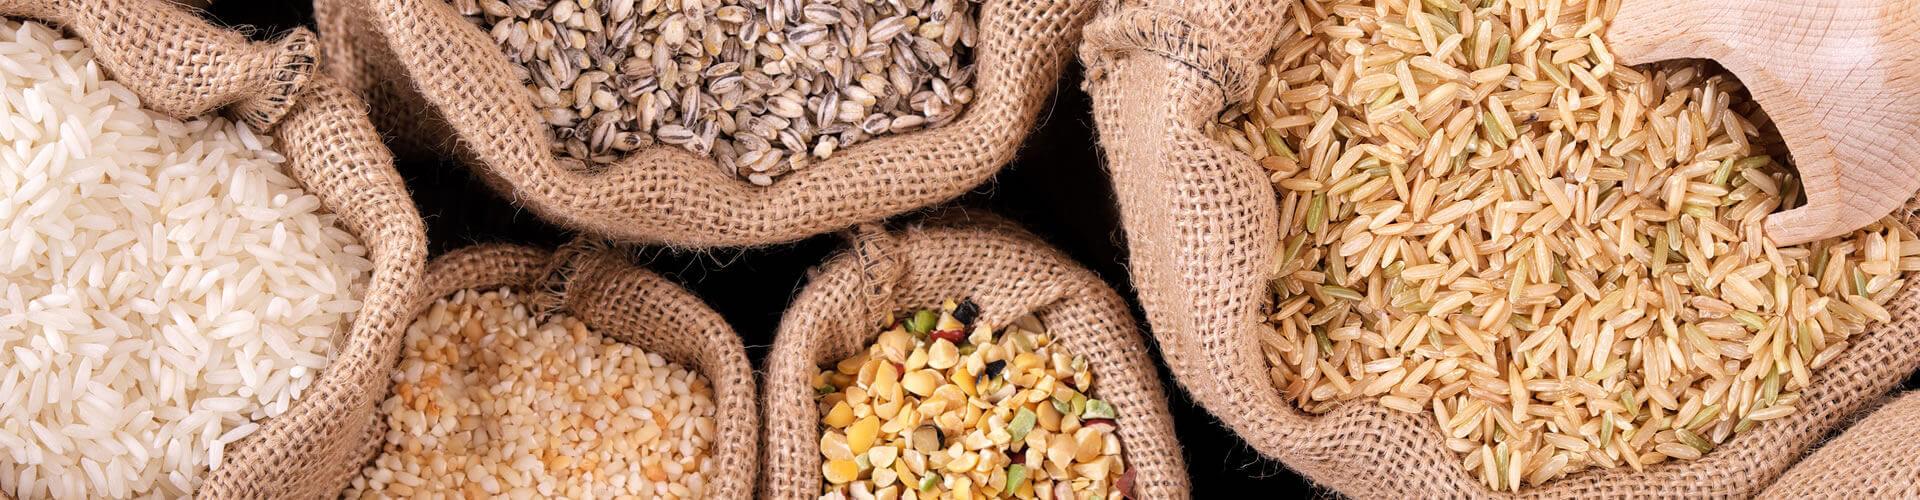 Distribuição de Produtos Naturais para Supermercados e Empórios